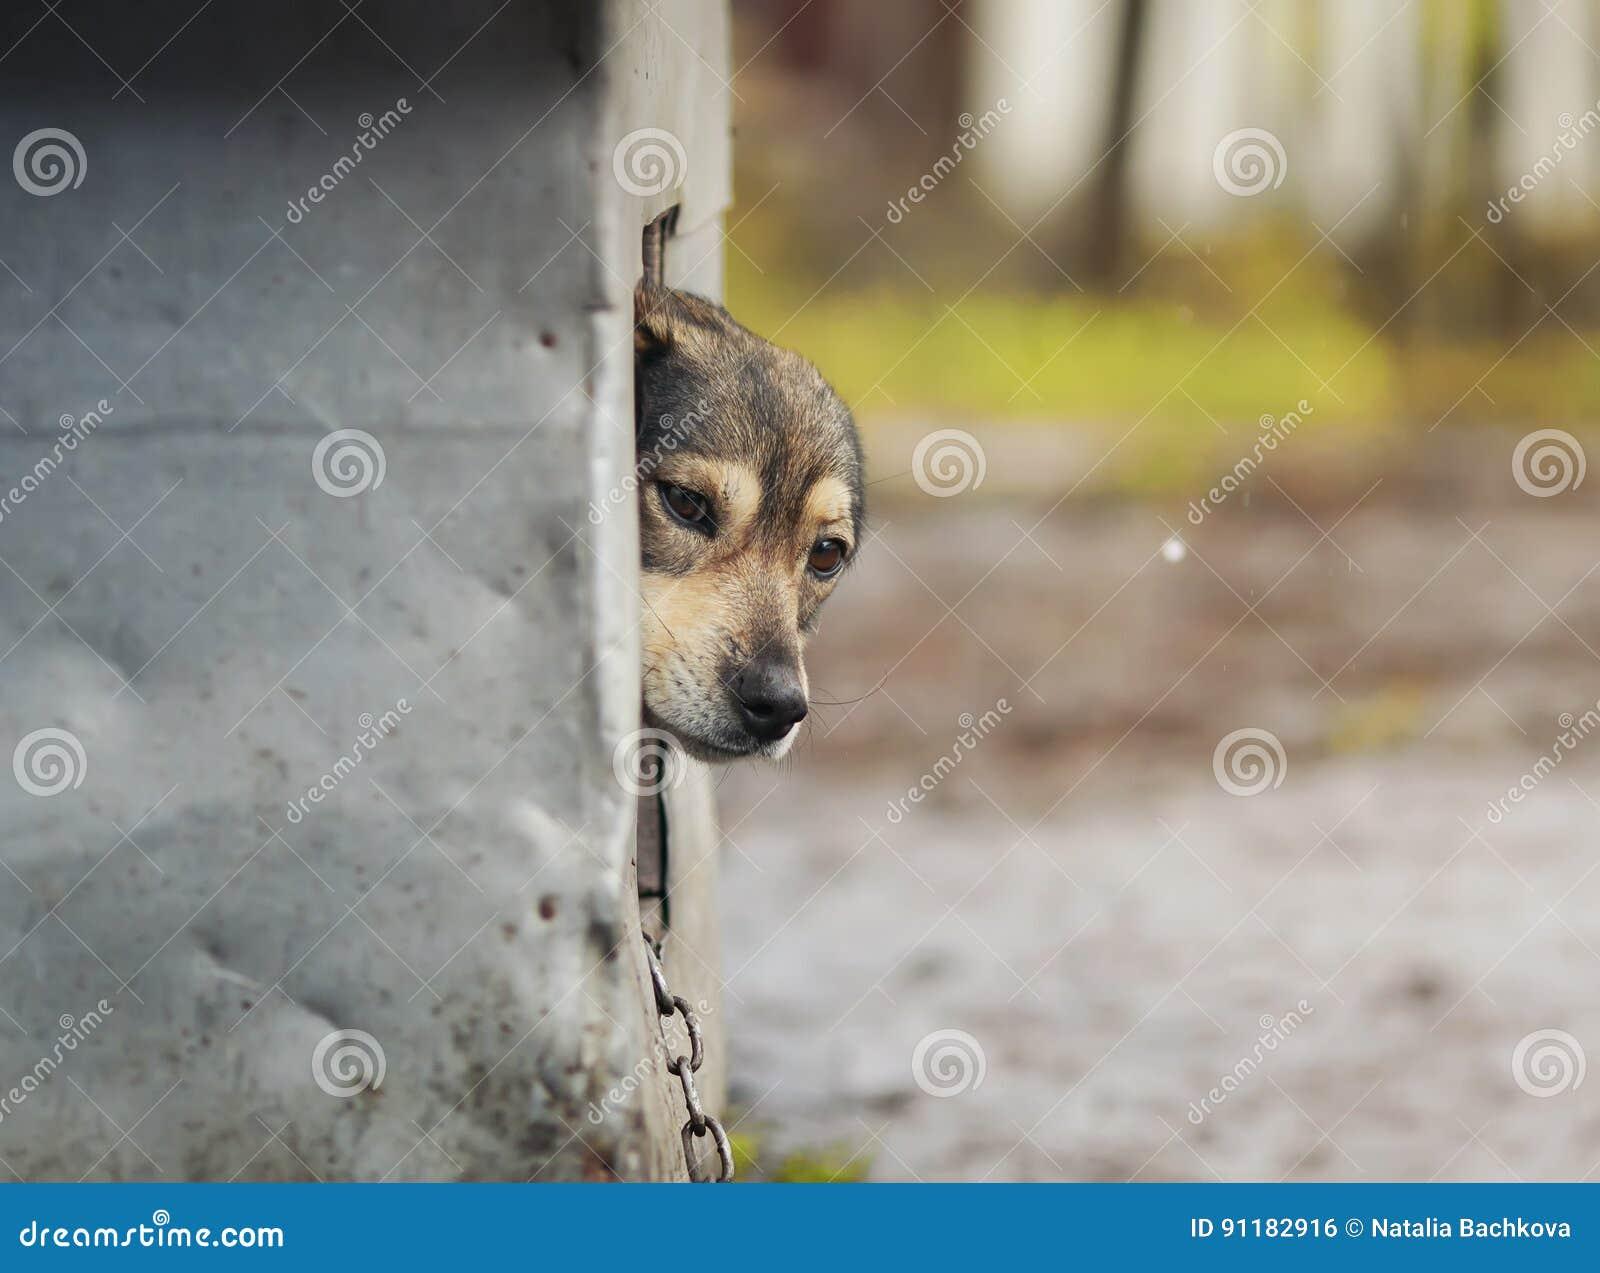 El perro mira ansiosamente fuera de la cabina y de parecer derecho